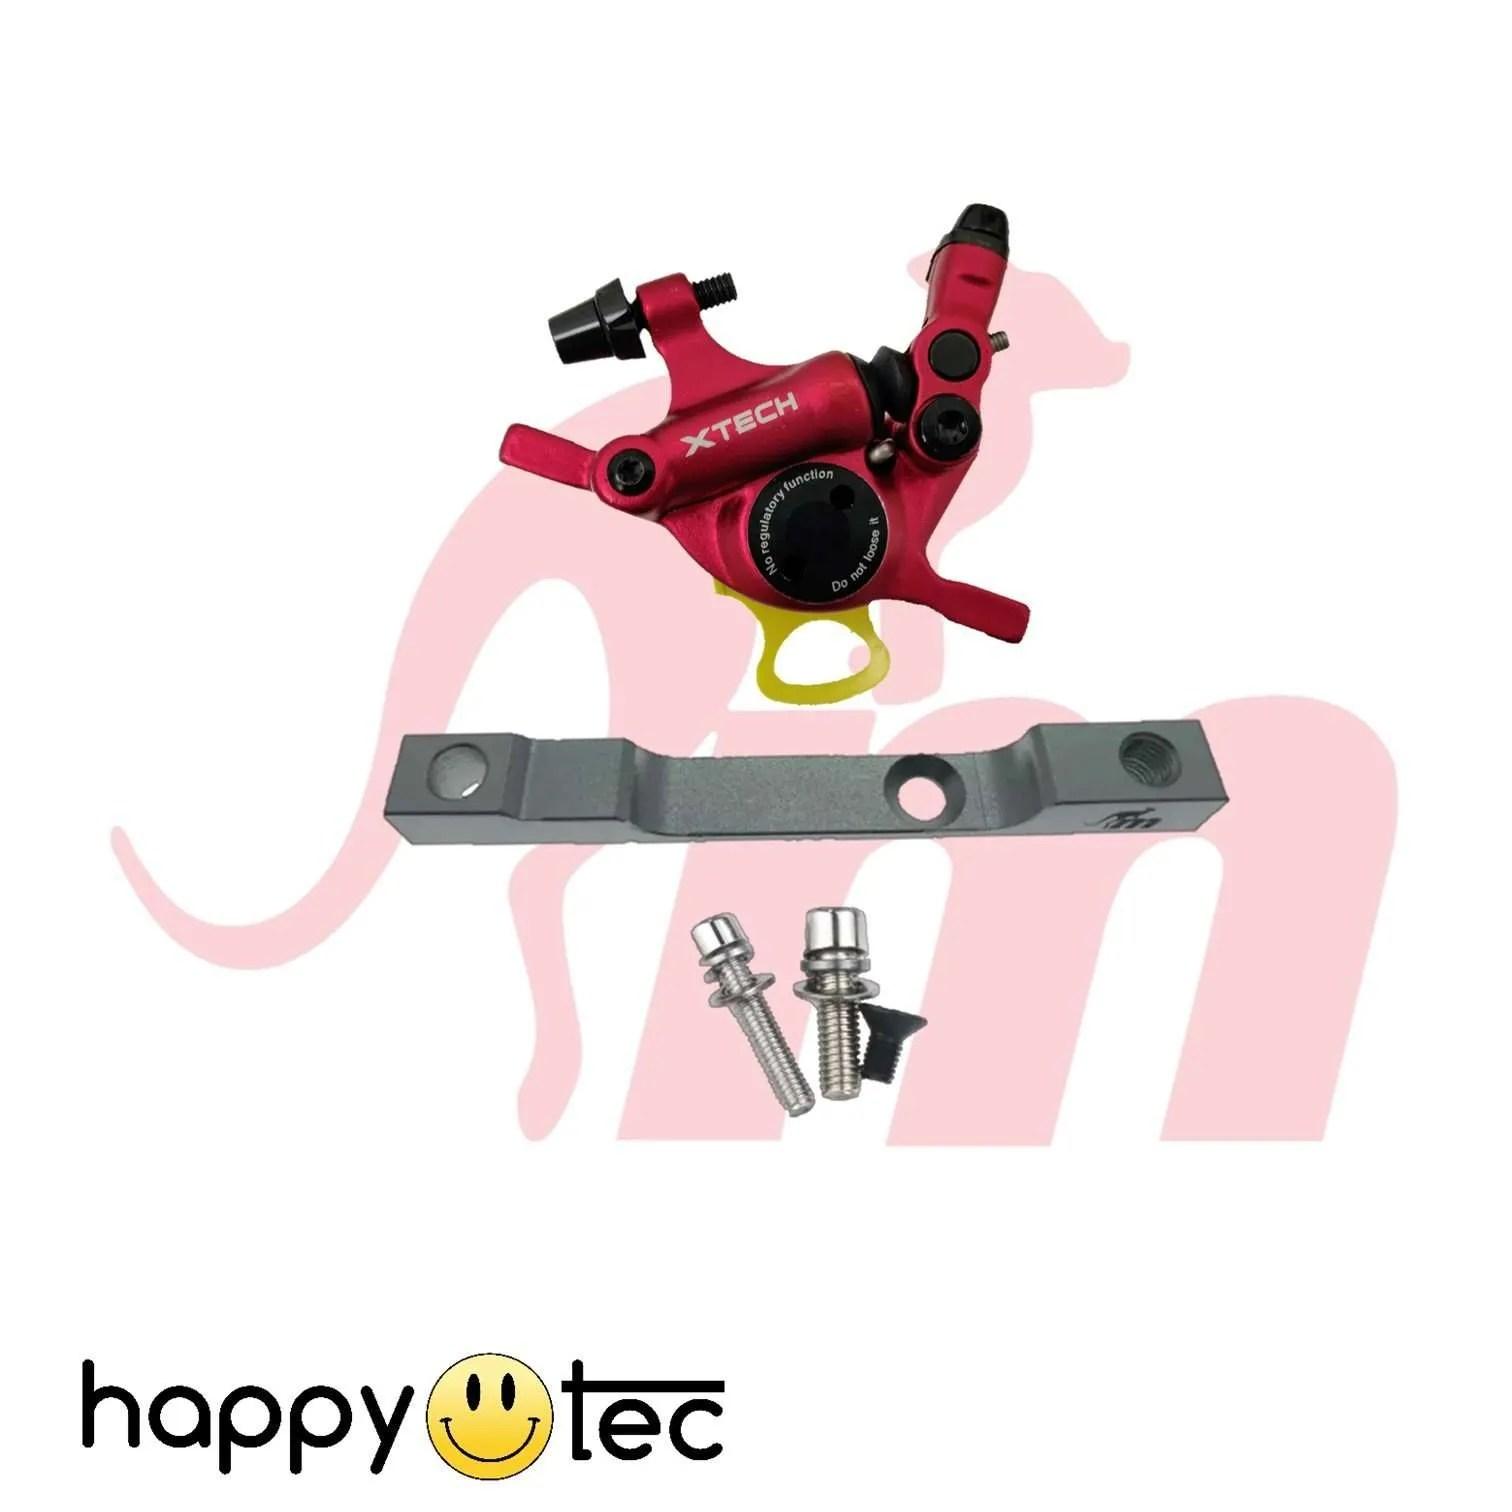 Monorim Kit pinza freno X-Tech con frame di supporto Rosso